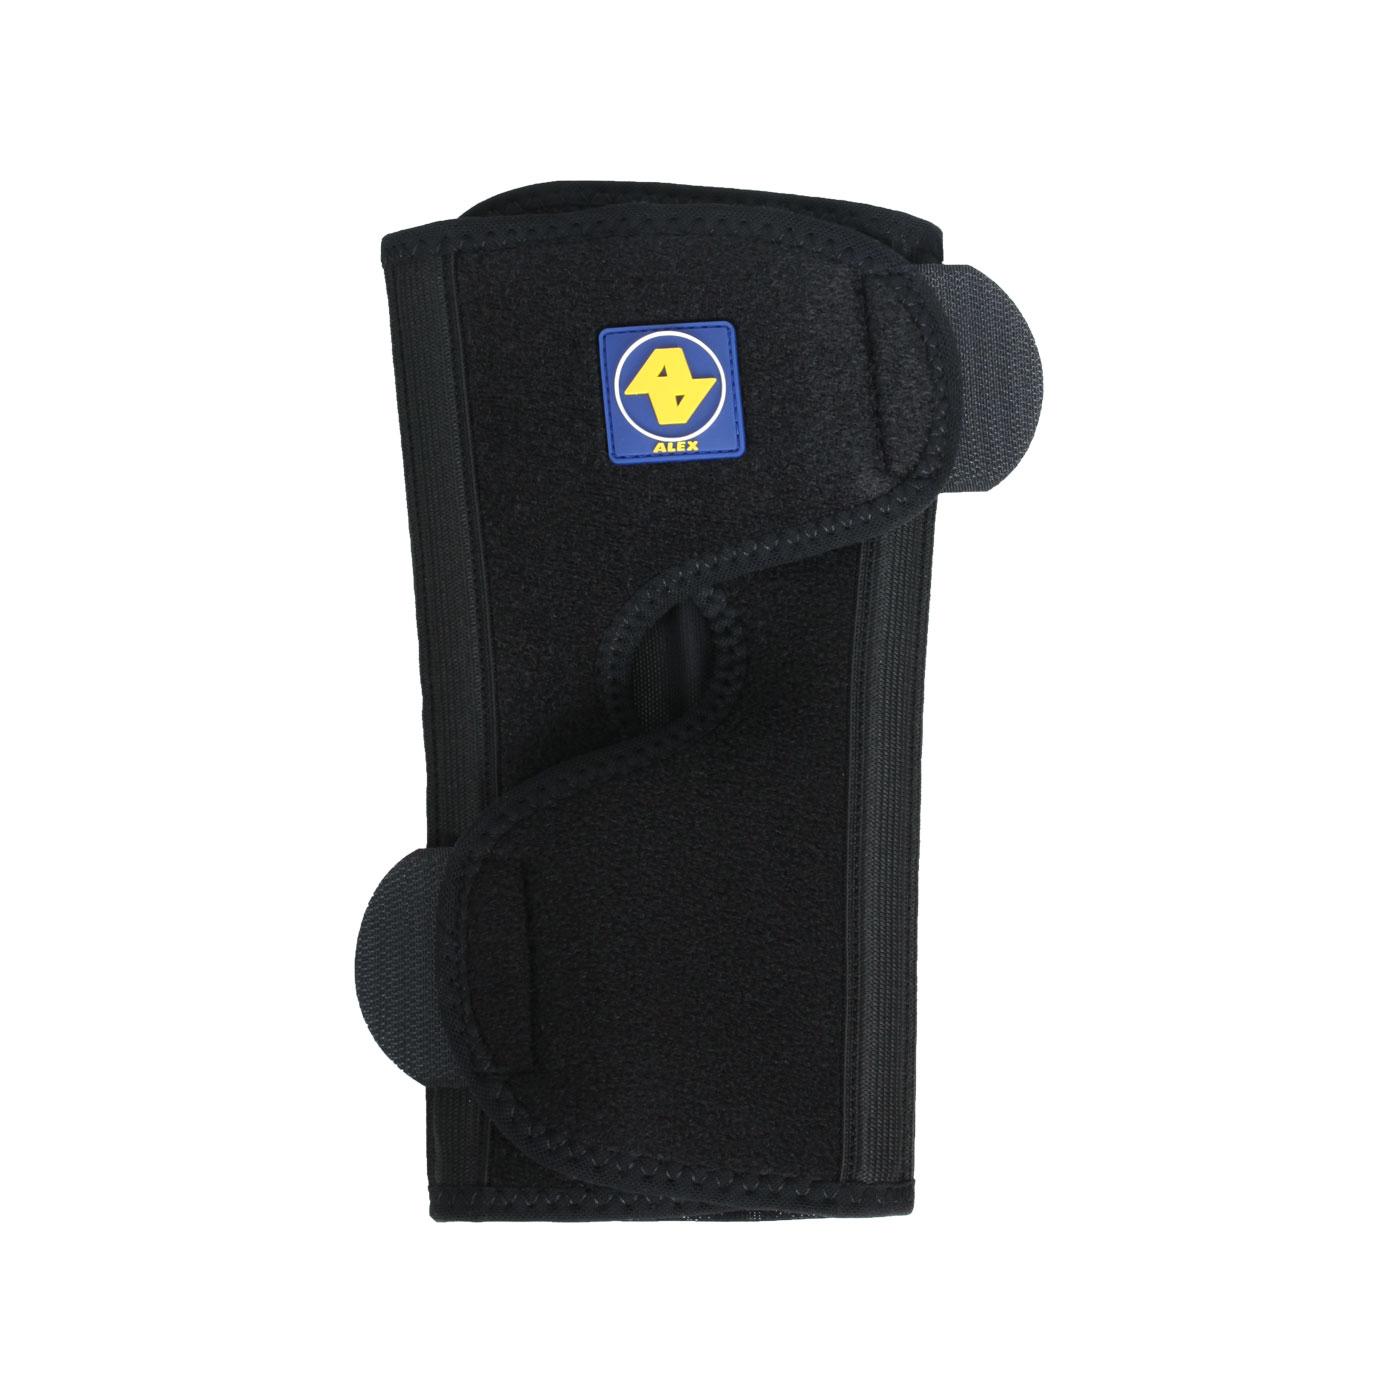 ALEX  高透氣網狀護膝T-35